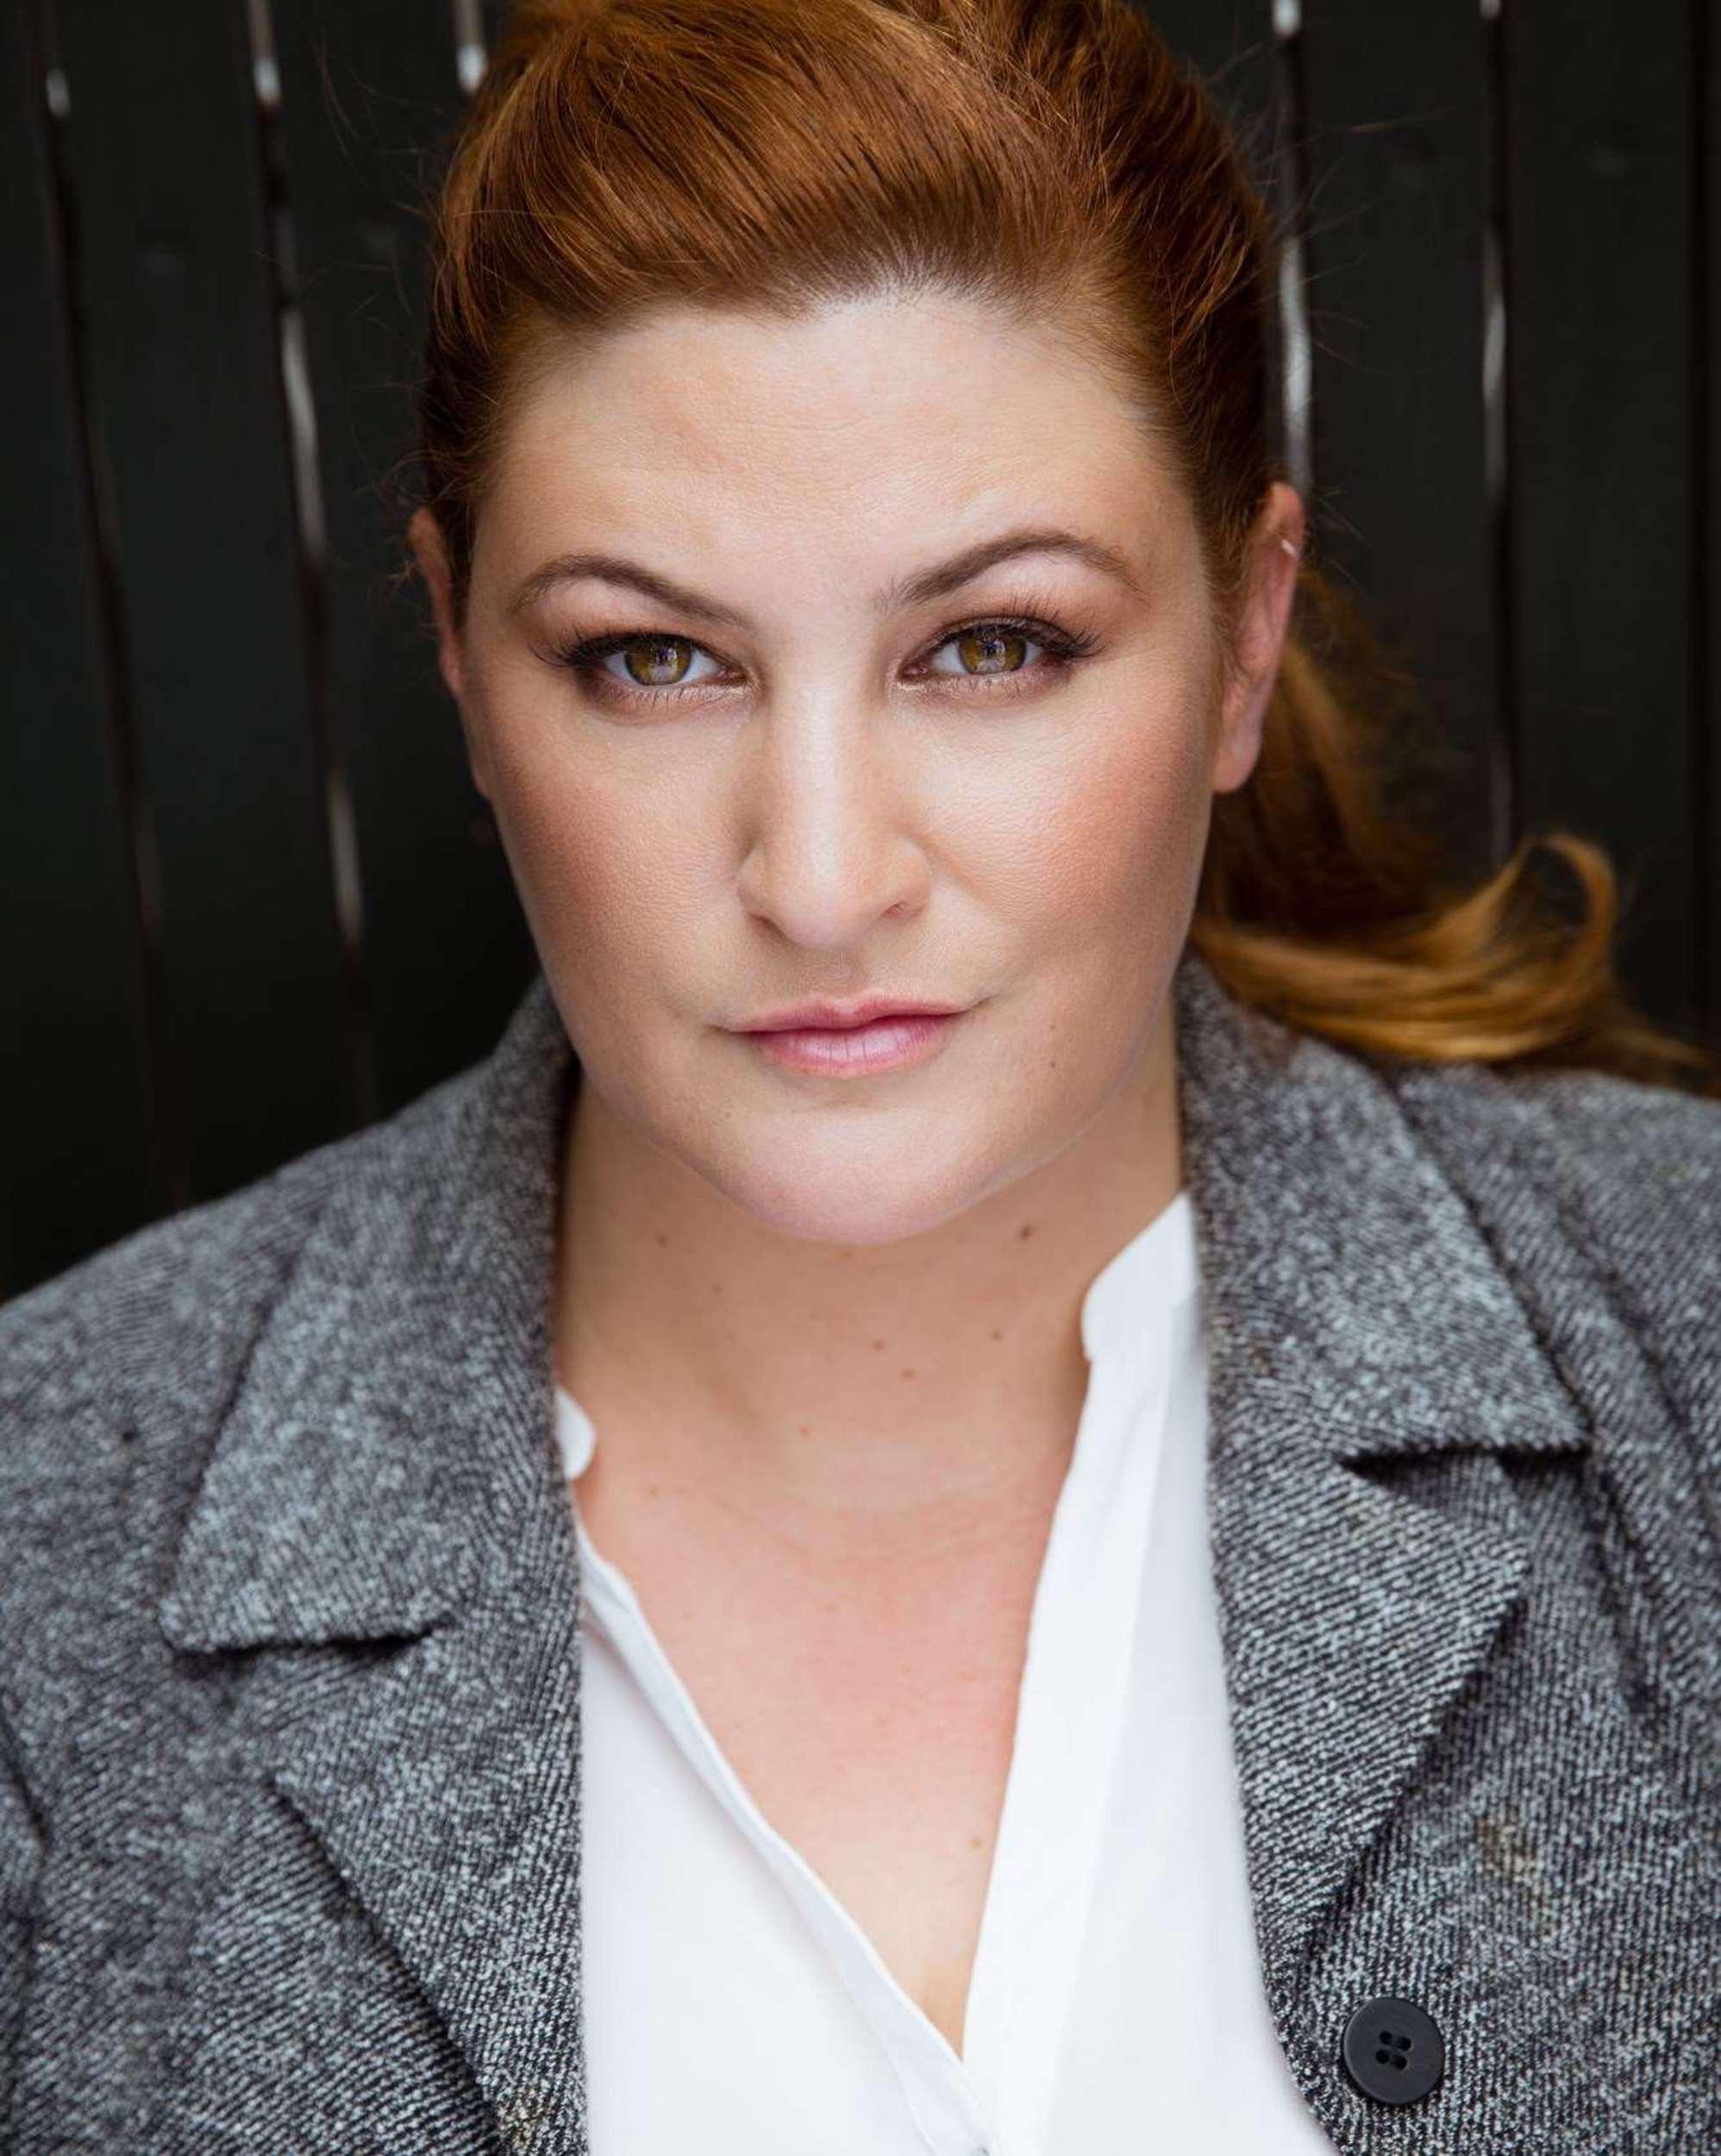 Jenae O'Connor